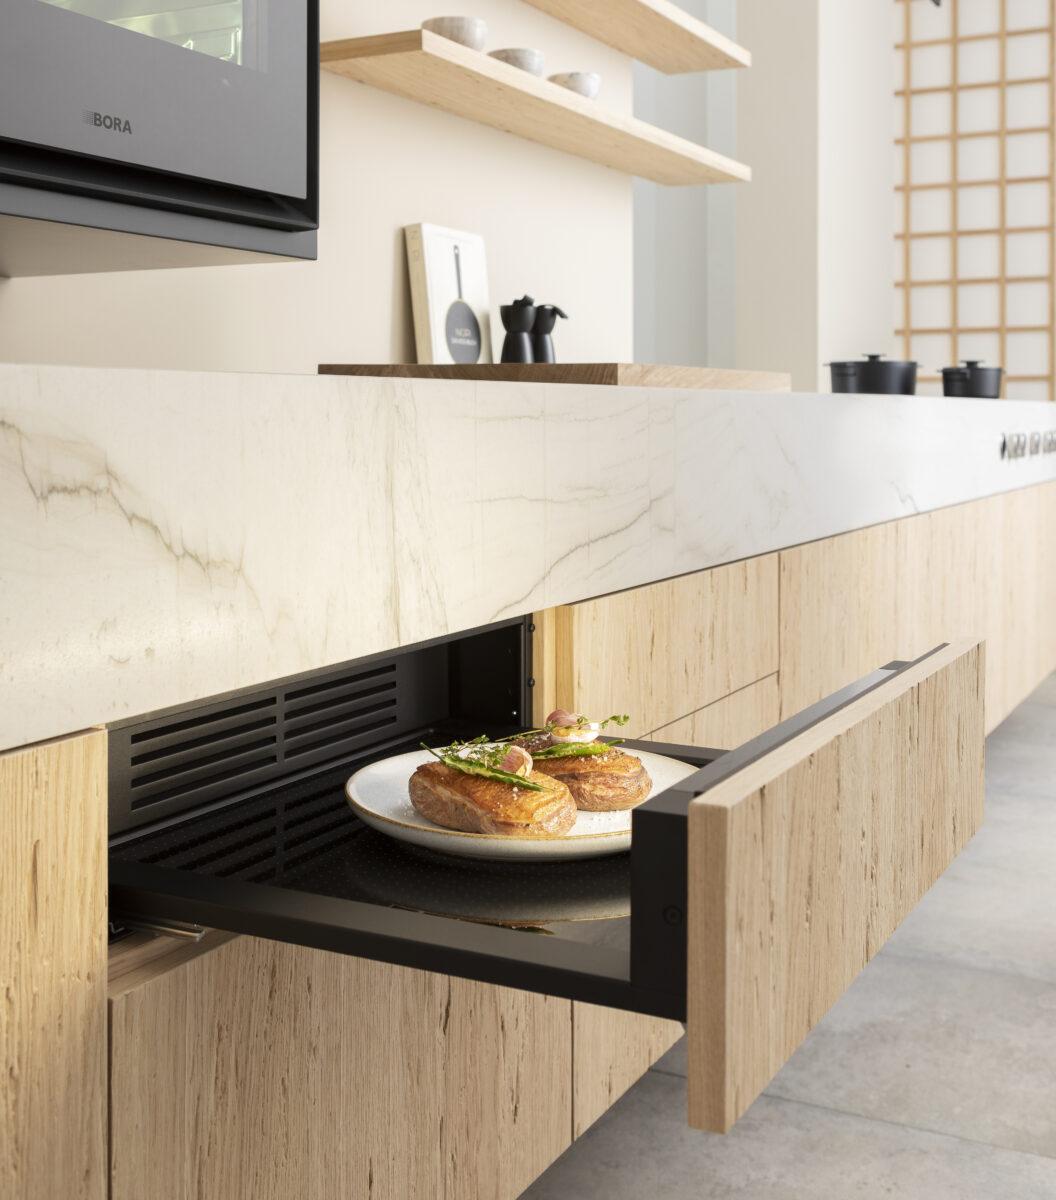 Auf Wunsch kannst die Front der BORA Multischublade wie bei einem Einbaugerät individuell an deine Küche anpassen. Foto: BORA